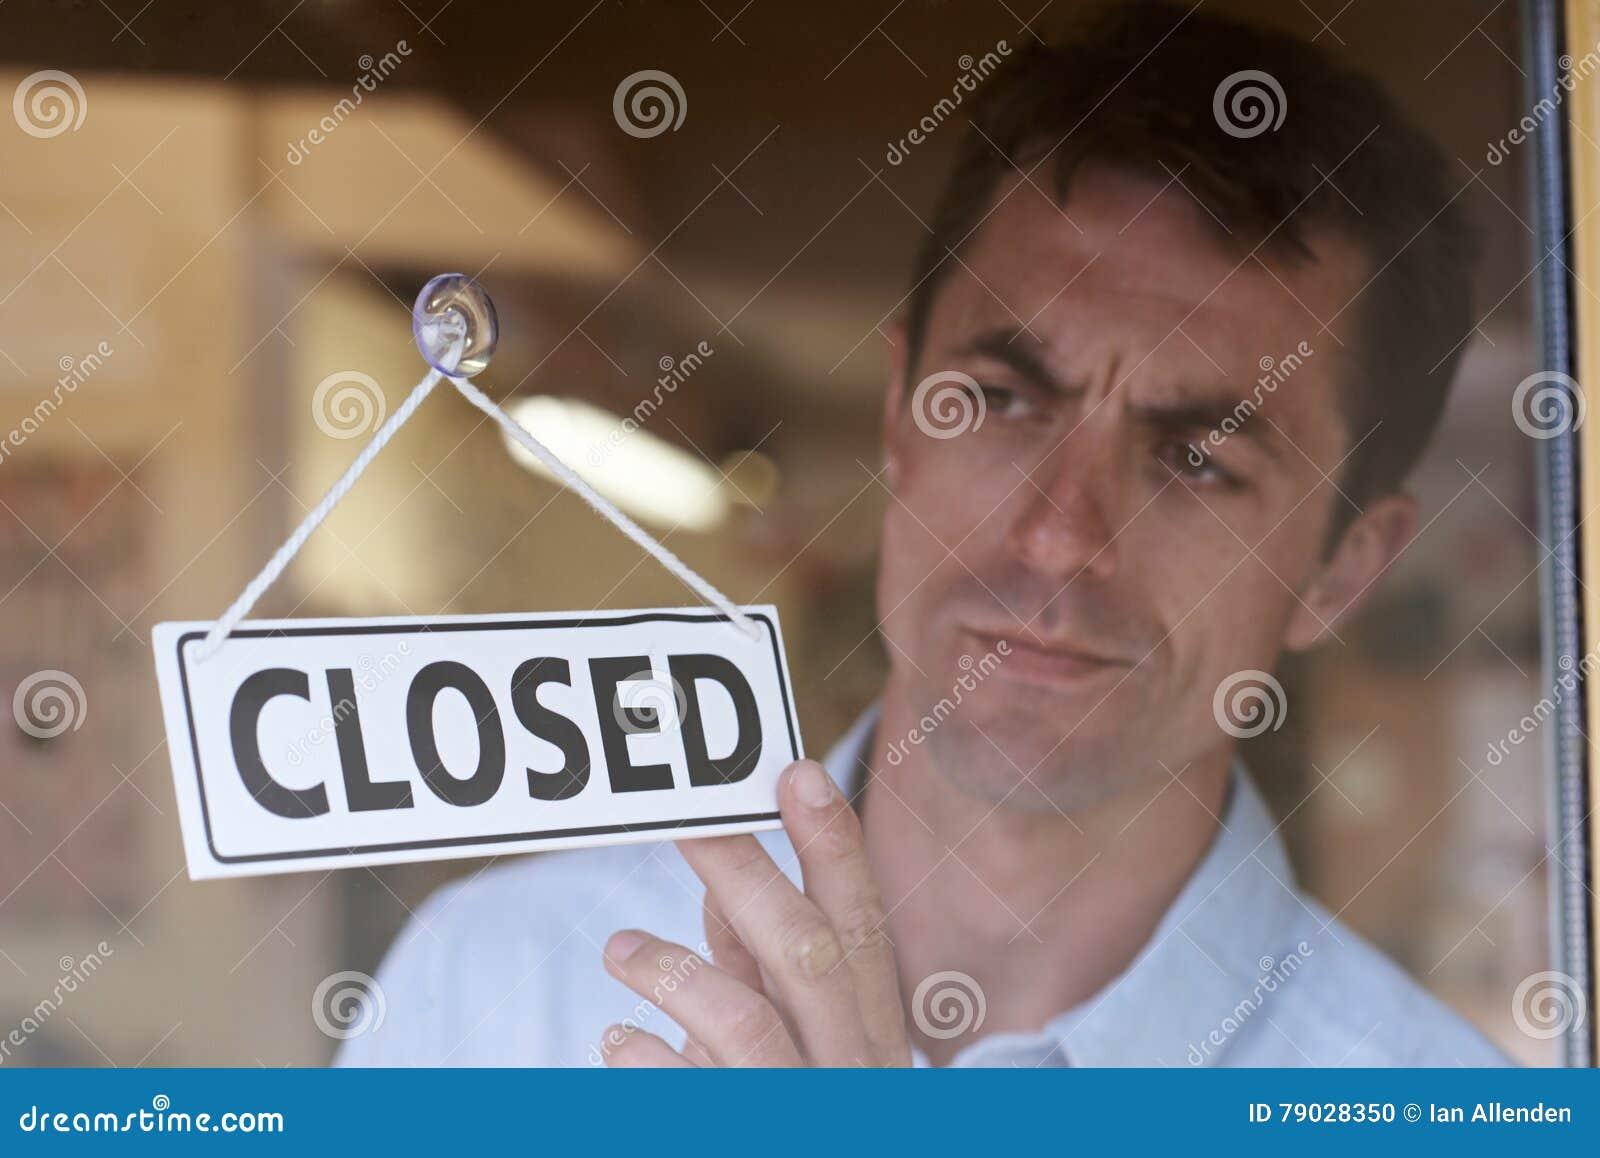 Ιδιοκτήτης καταστημάτων που γυρίζει το κλειστό σημάδι στην πόρτα καταστημάτων